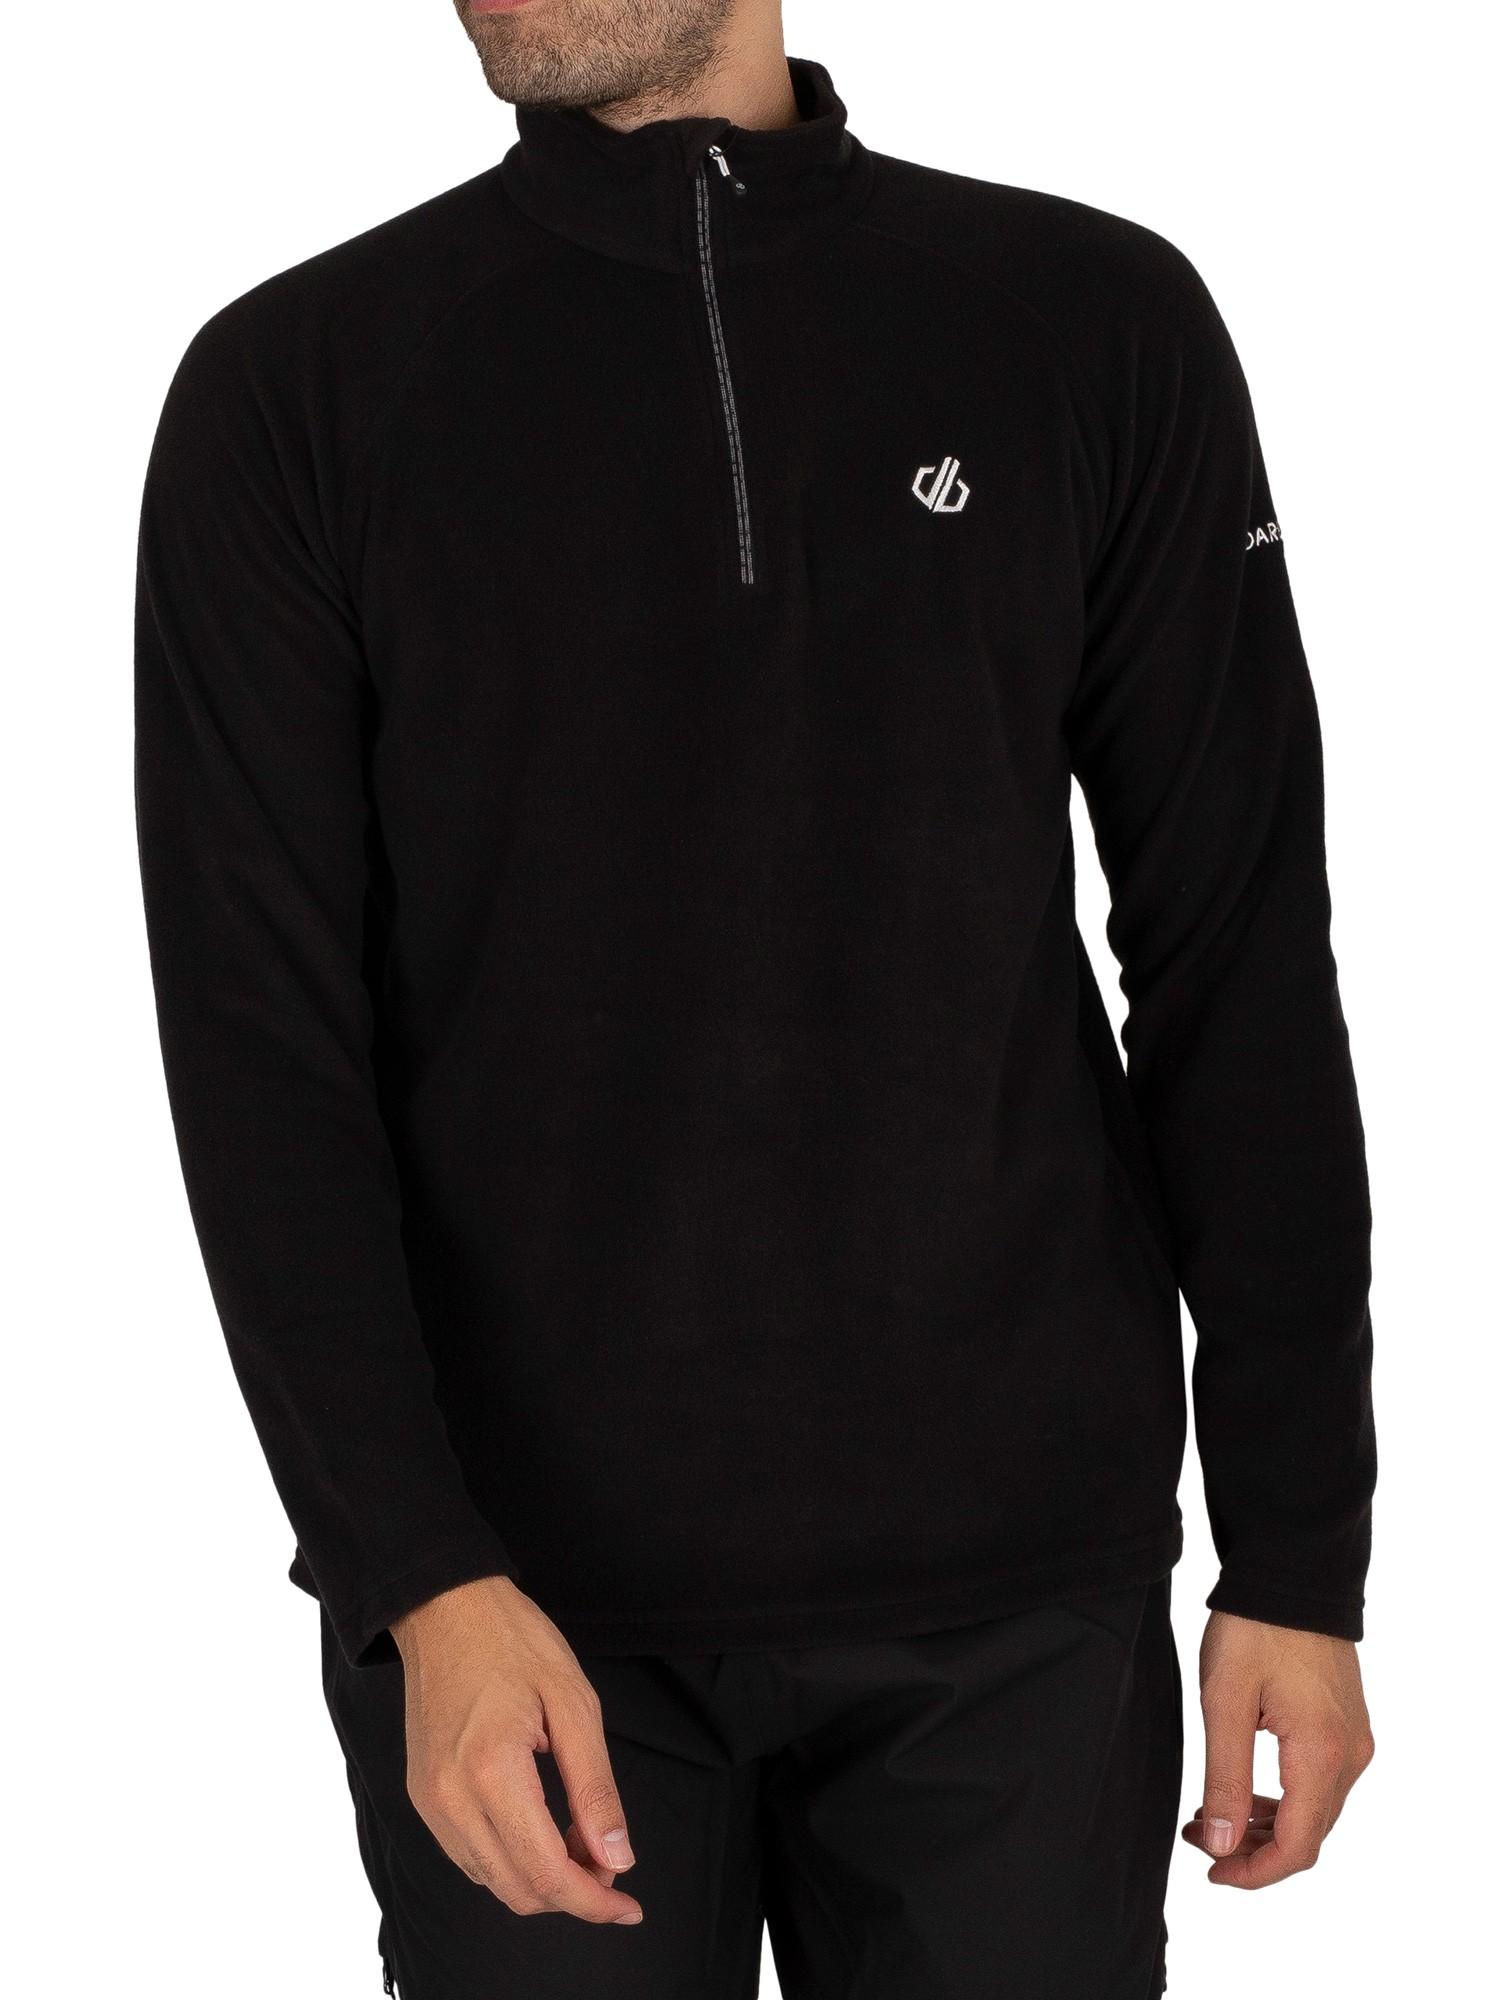 Freethink II Zip Sweatshirt